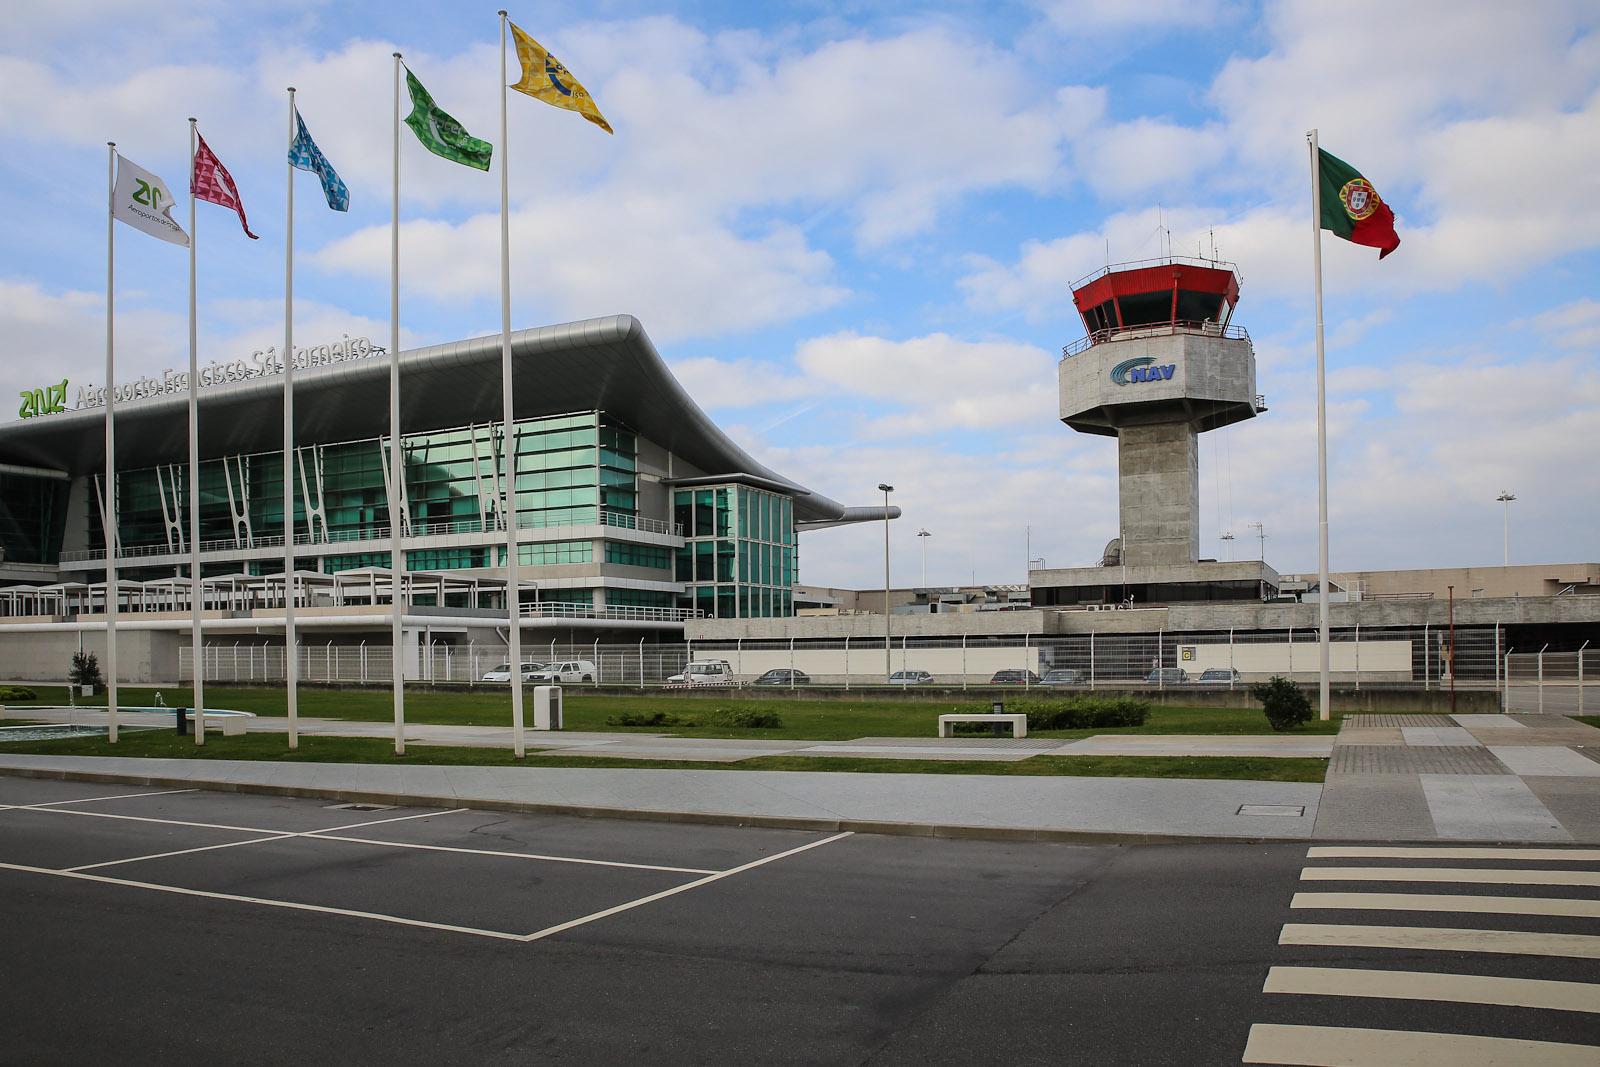 Диспетчерская башня рядом с пассажирским терминалом аэропорта Порту Франциско Карнейро